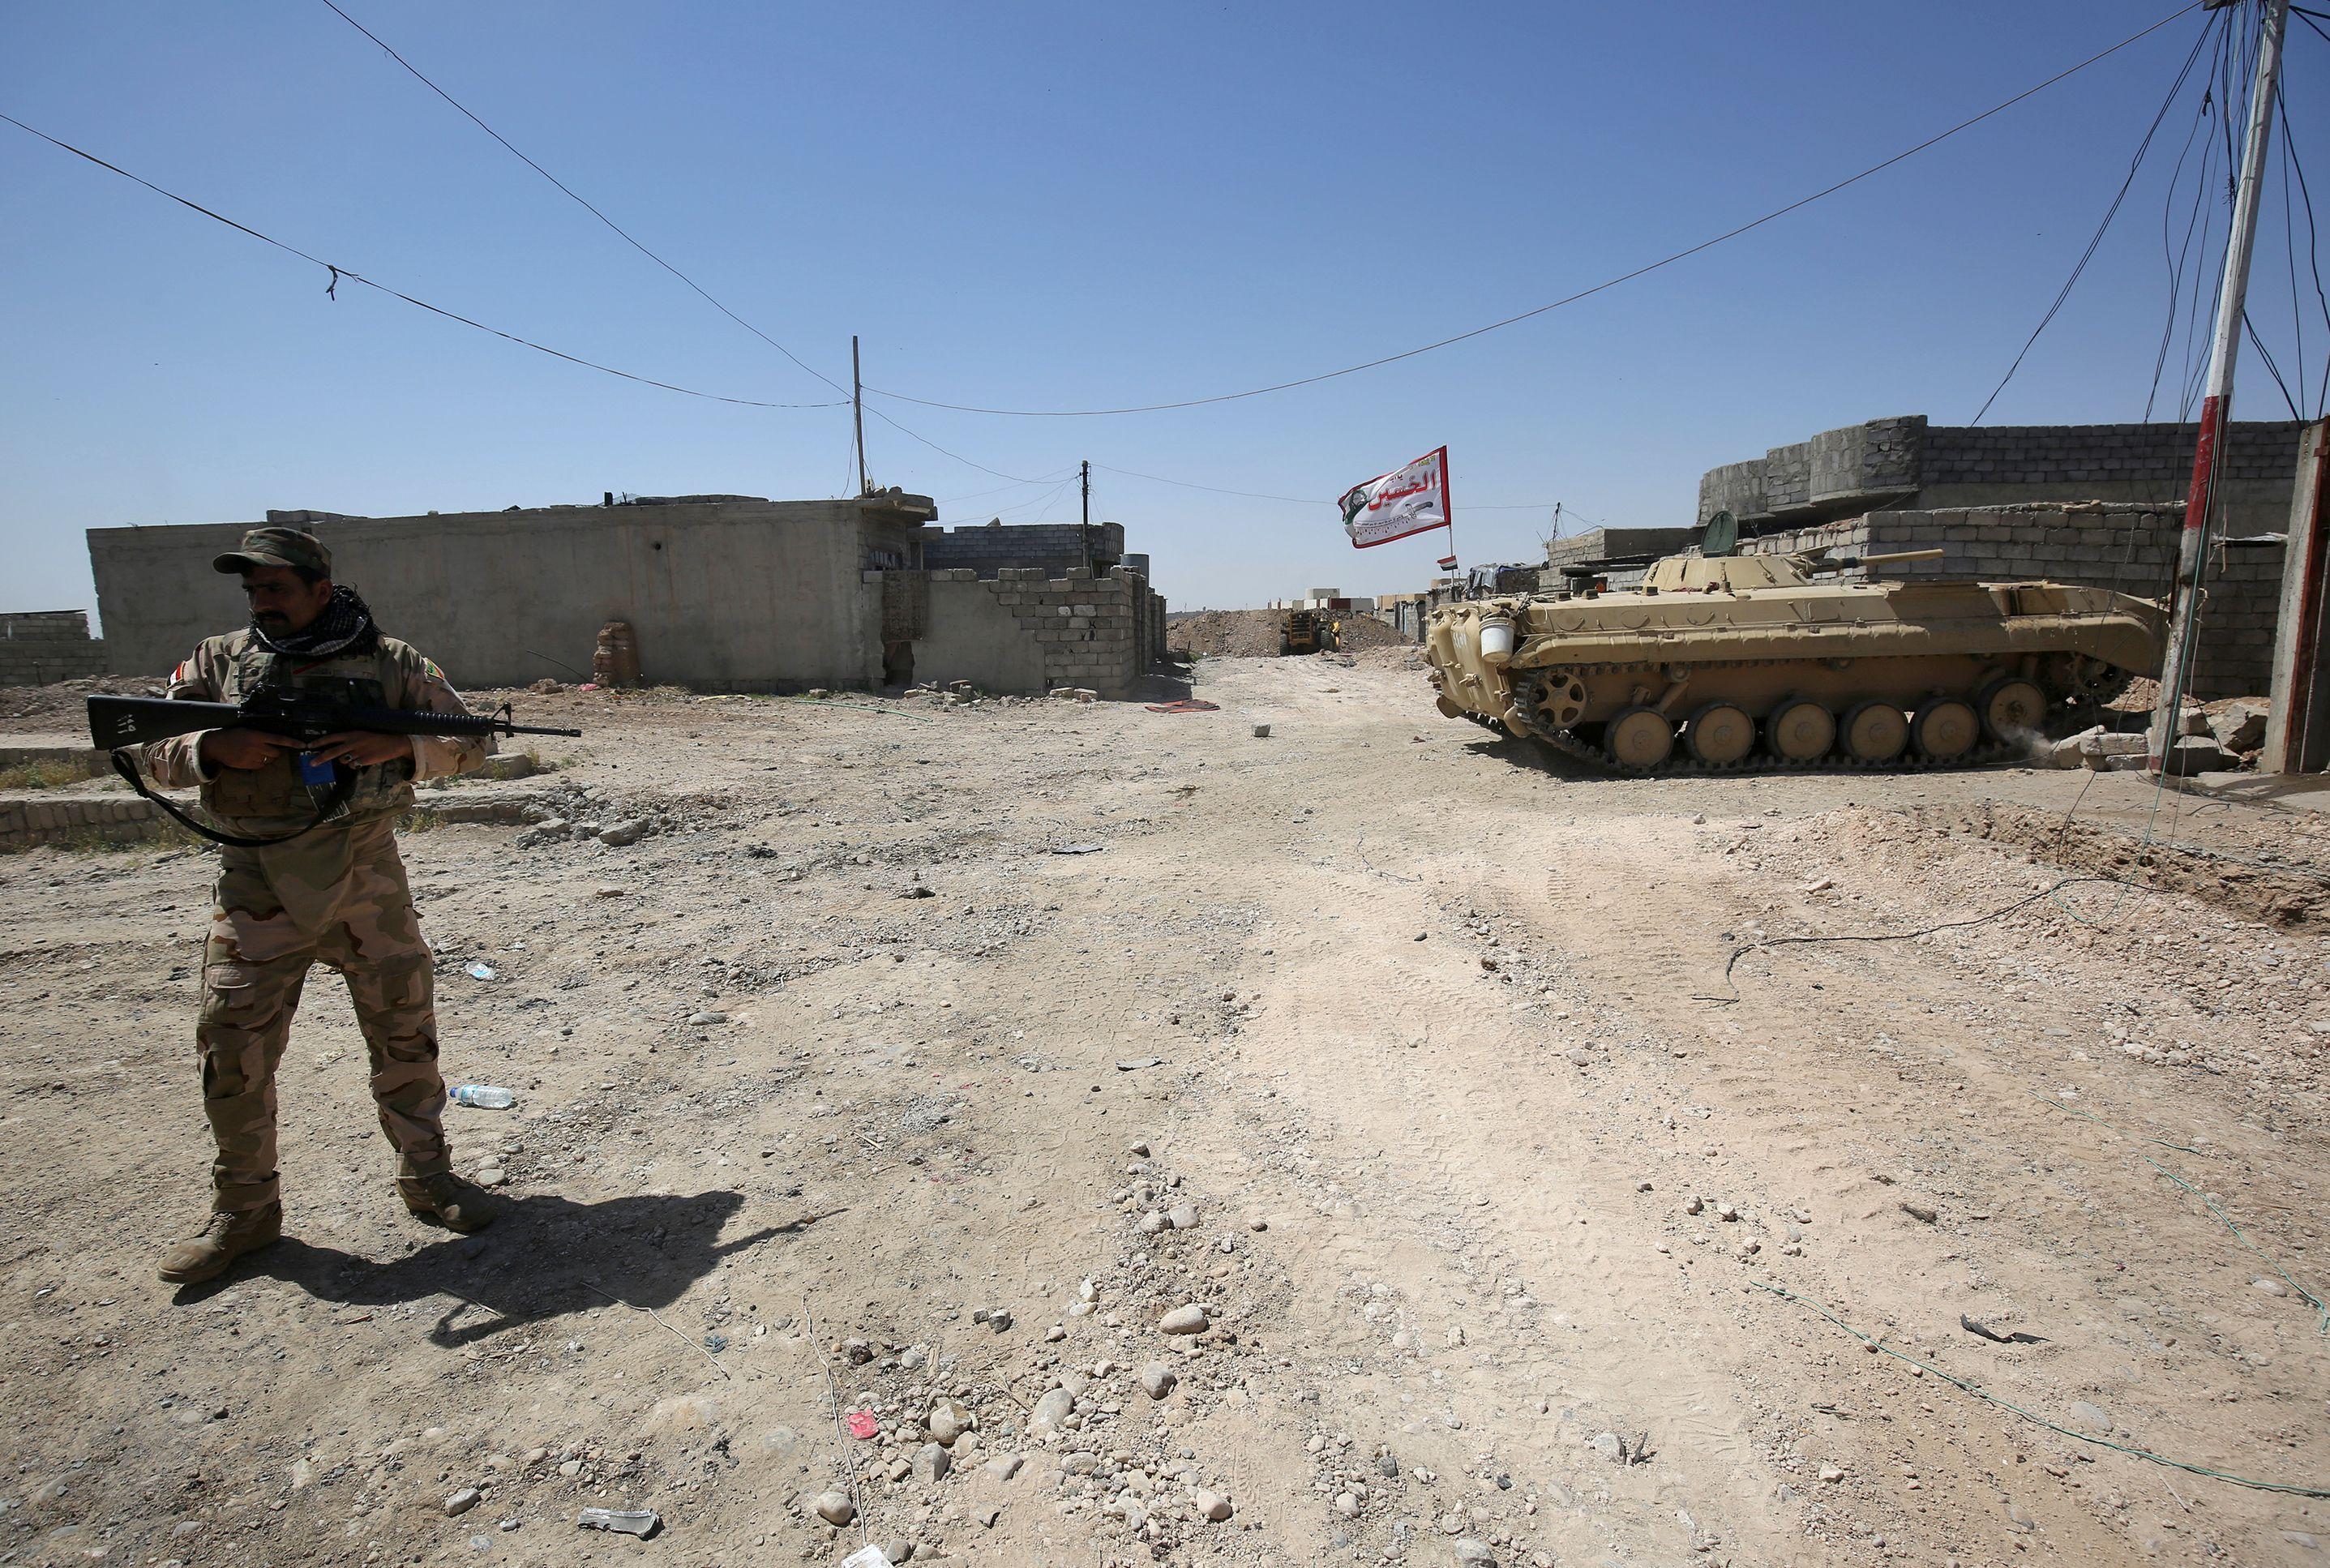 الفرقة التاسعة في الجيش العراقي تشارك في جميع المحاور مع مختلف التشكيلات من خلال دعمها بالاستناد الناري وصد السيارات المفخخة المصفحة التي يهاجم بها ارهابيي داعش قواتنا